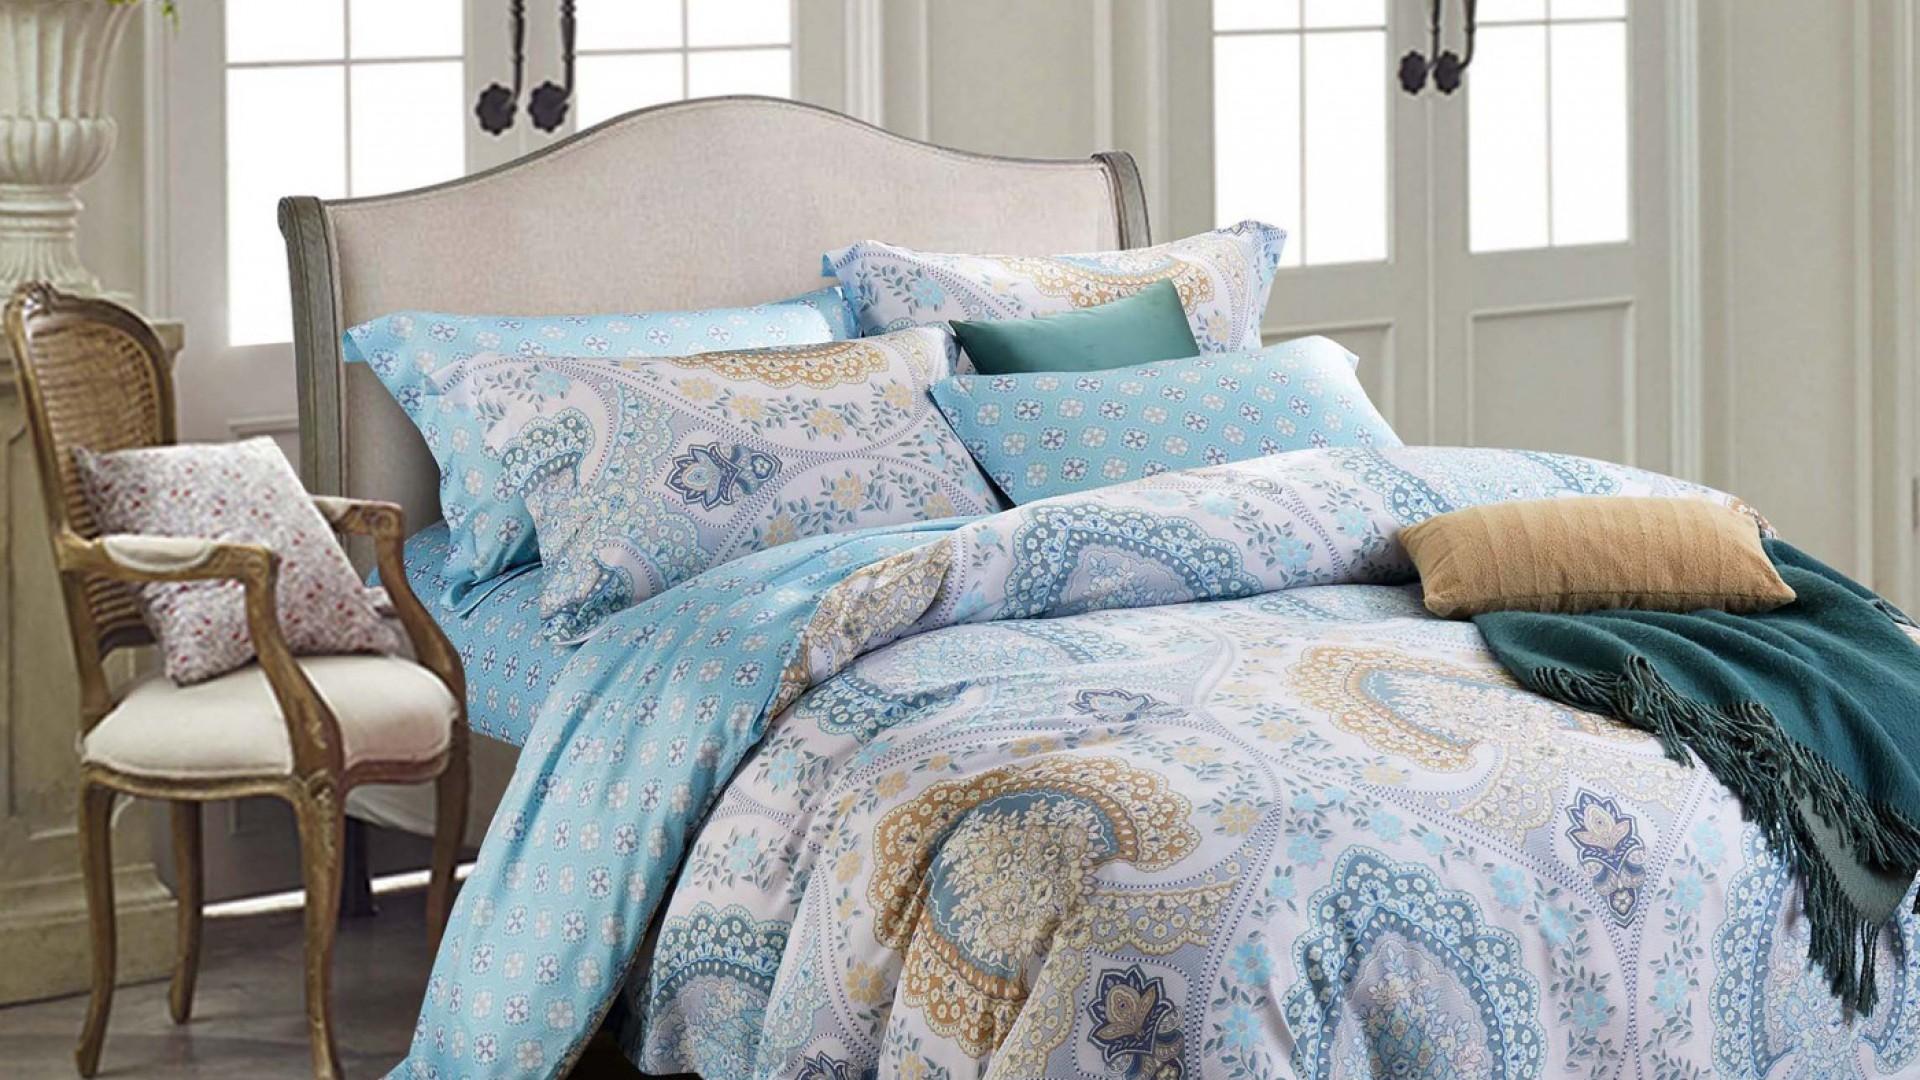 Постельное белье Asabella Постельное белье Kelsie  (семейное) постельное белье asabella постельное белье 1 5 спальное тенсел сатин